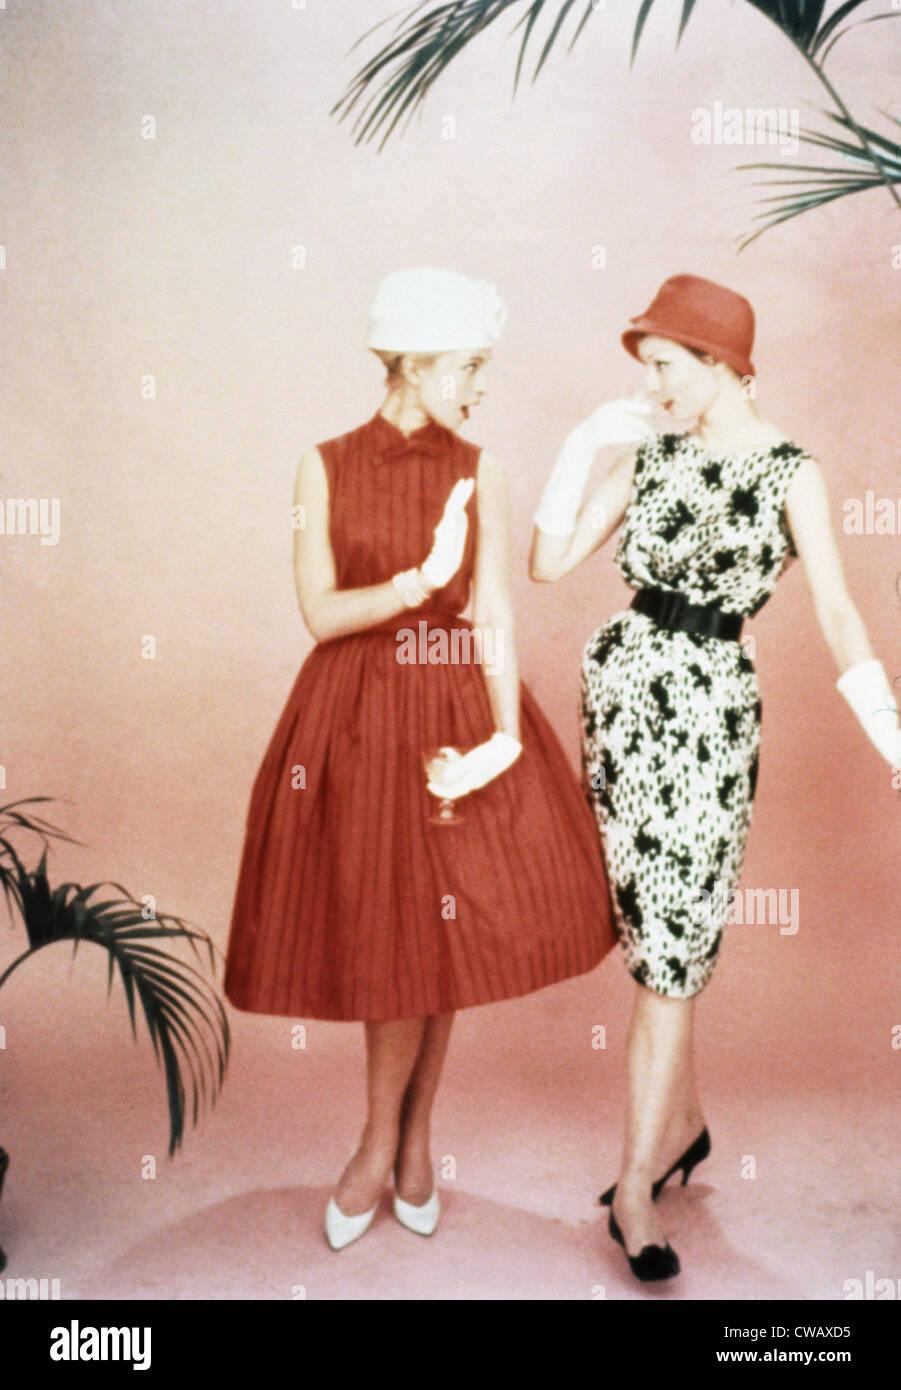 Mode der 1960er Jahre. Höflichkeit: CSU Archive/Everett Collection Stockfoto